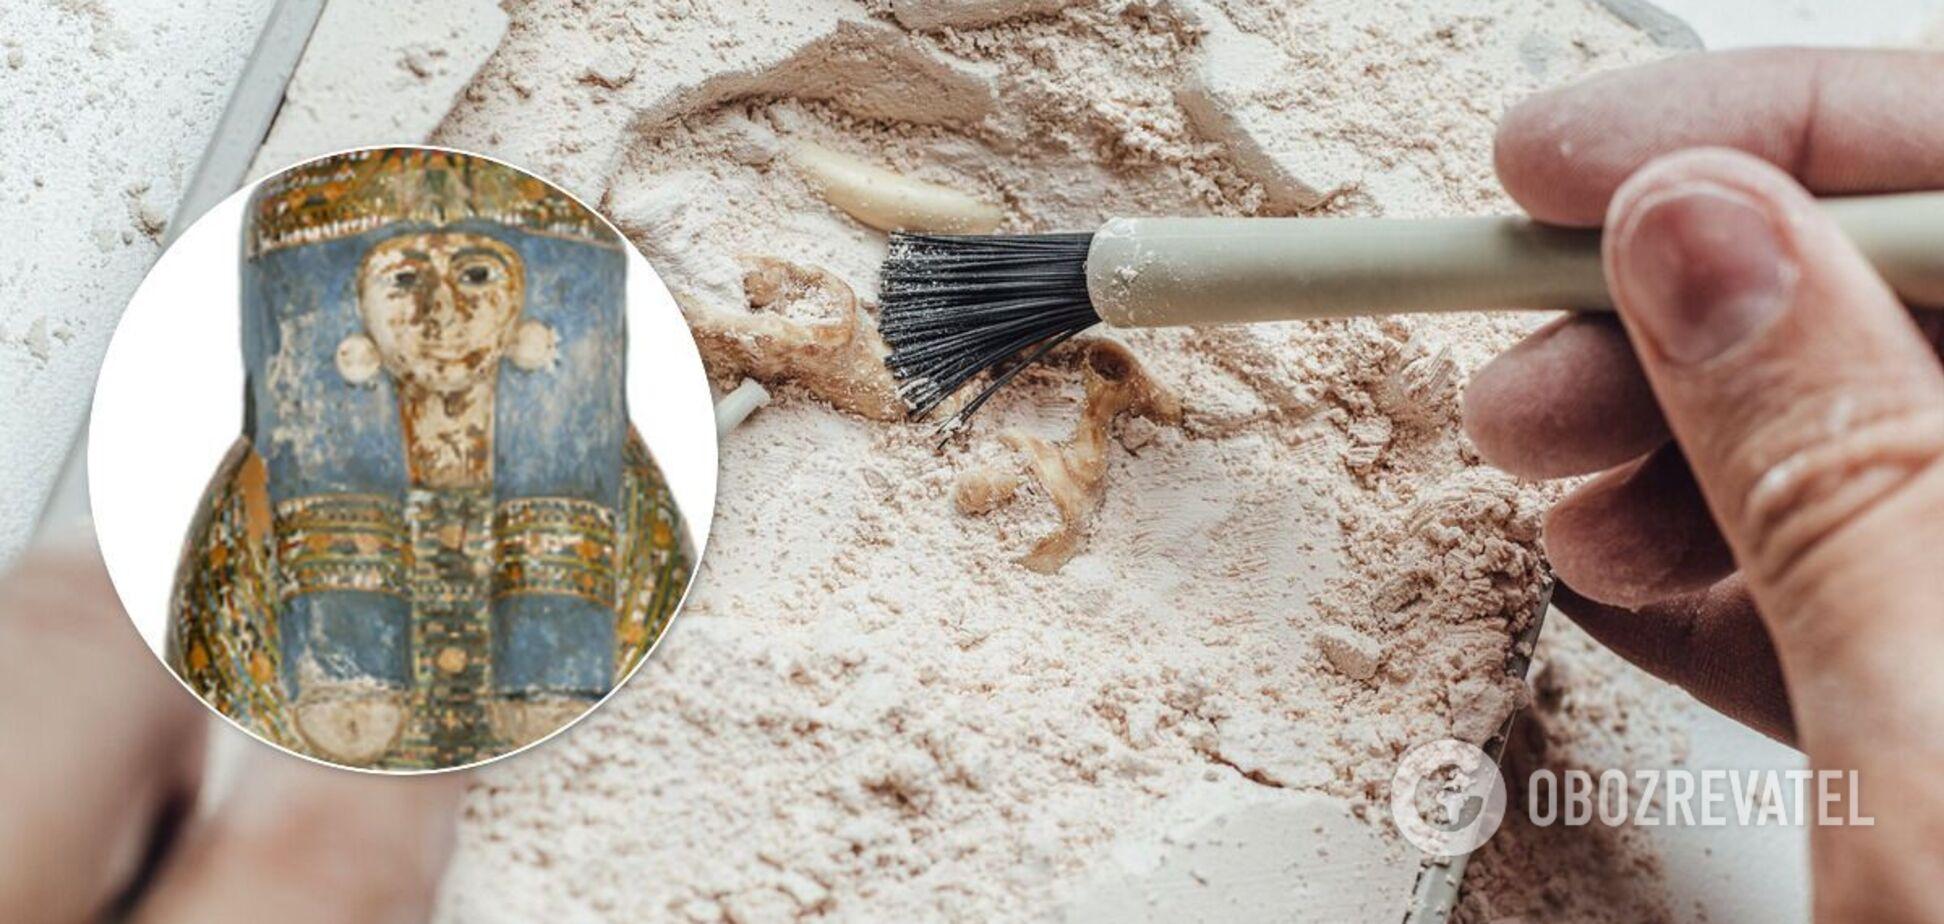 Археологи впервые нашли в Египте мумию из грязи. Фото